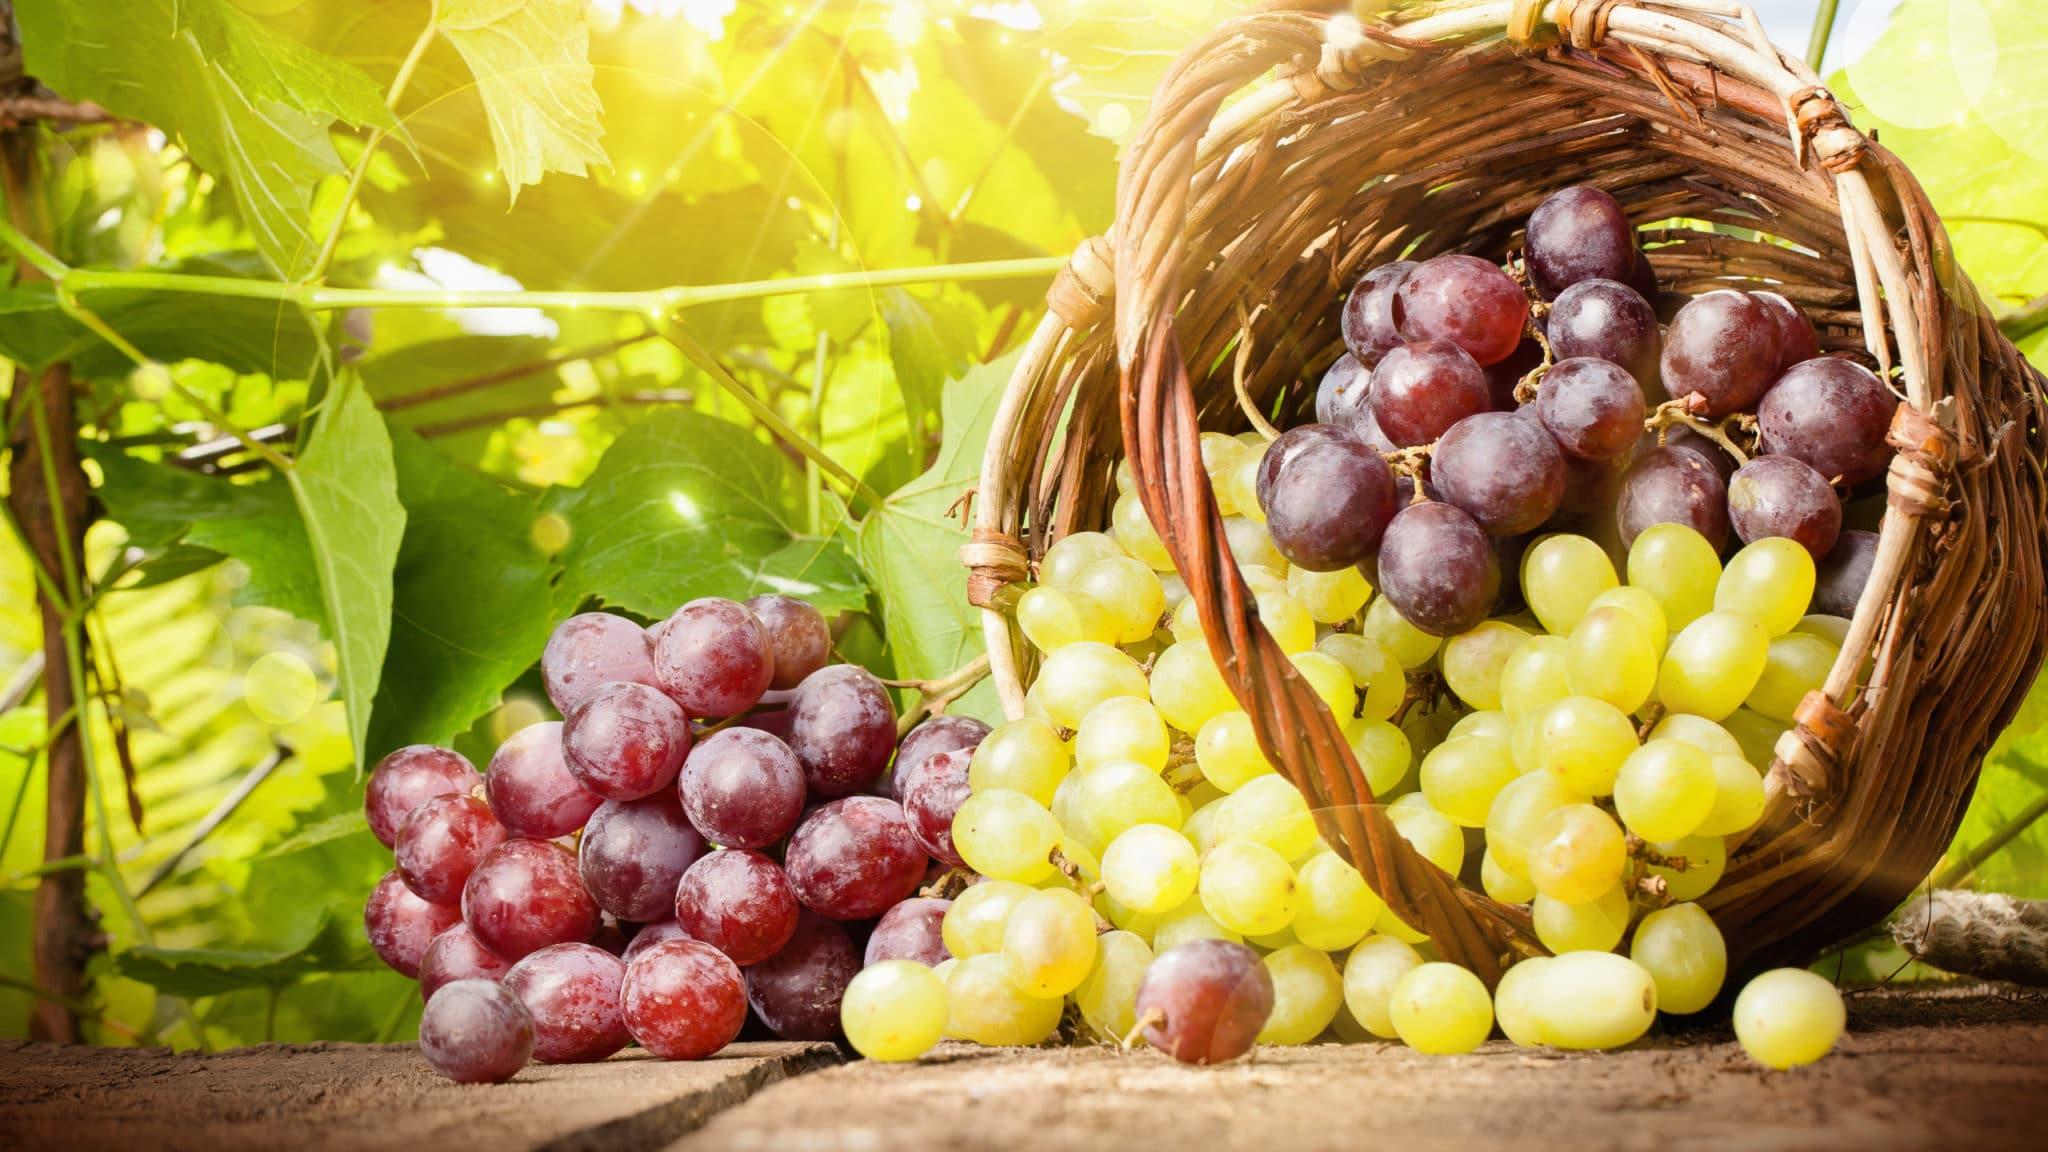 Варенье из винограда на зиму: простой рецепт без косточек, как сделать самому